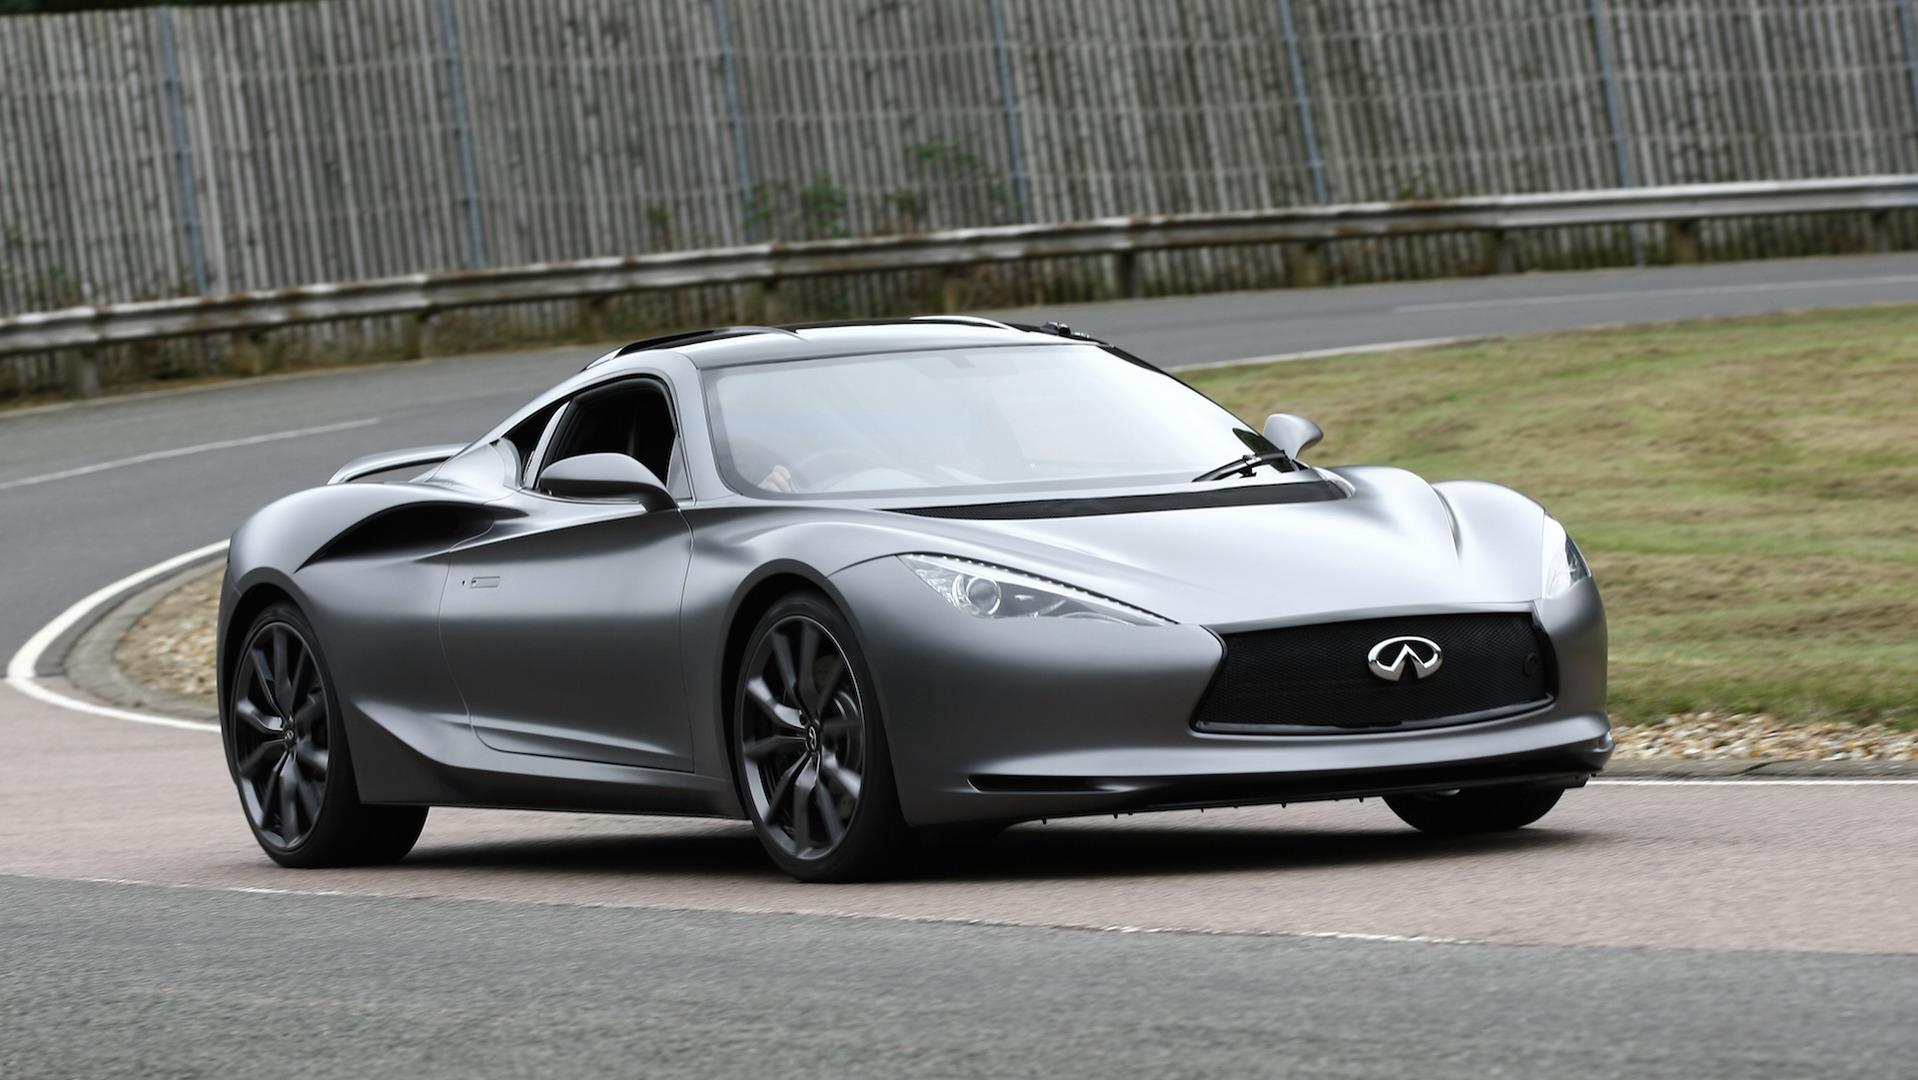 Attractive Motor1.com